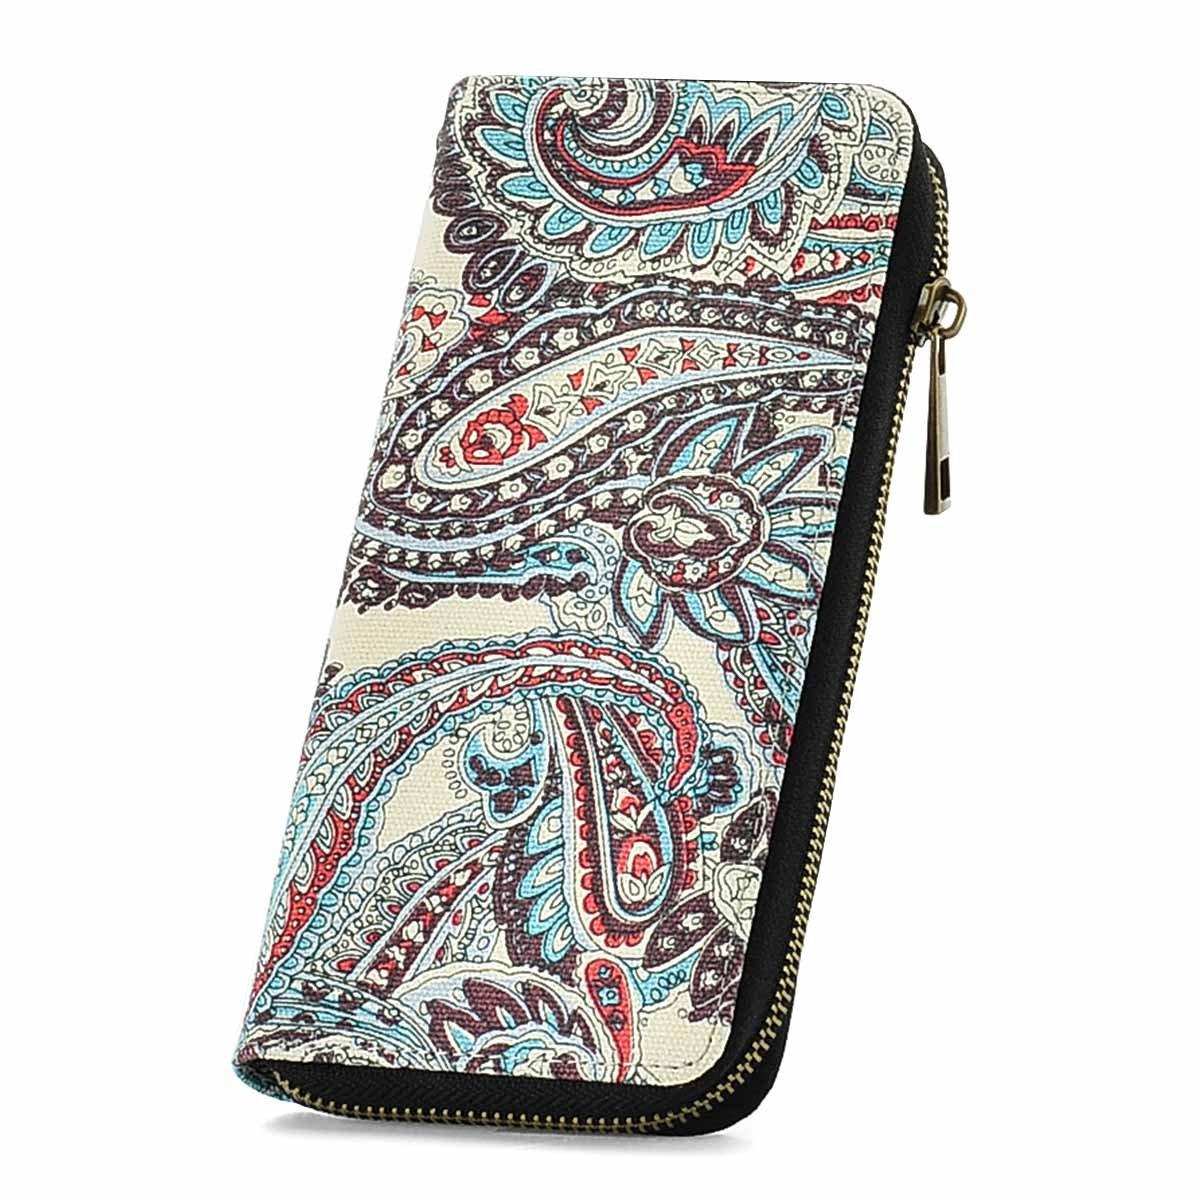 RUNWINDY Womens Canvas Wallet Zipper Around Long Clutch Purse Wristlet Handbag